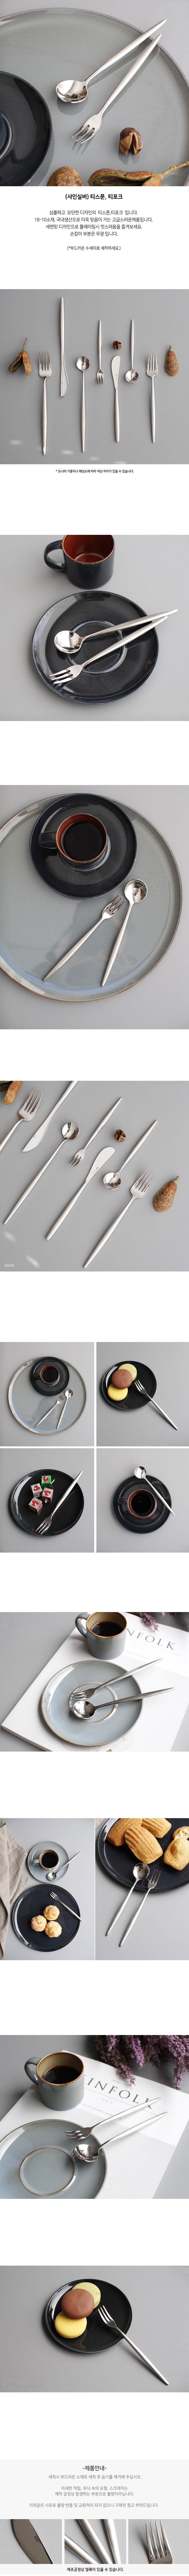 샤인 실버 티스푼 티포크1p-annahouse - 안나하우스, 4,600원, 양식기 세트, 양식기 세트